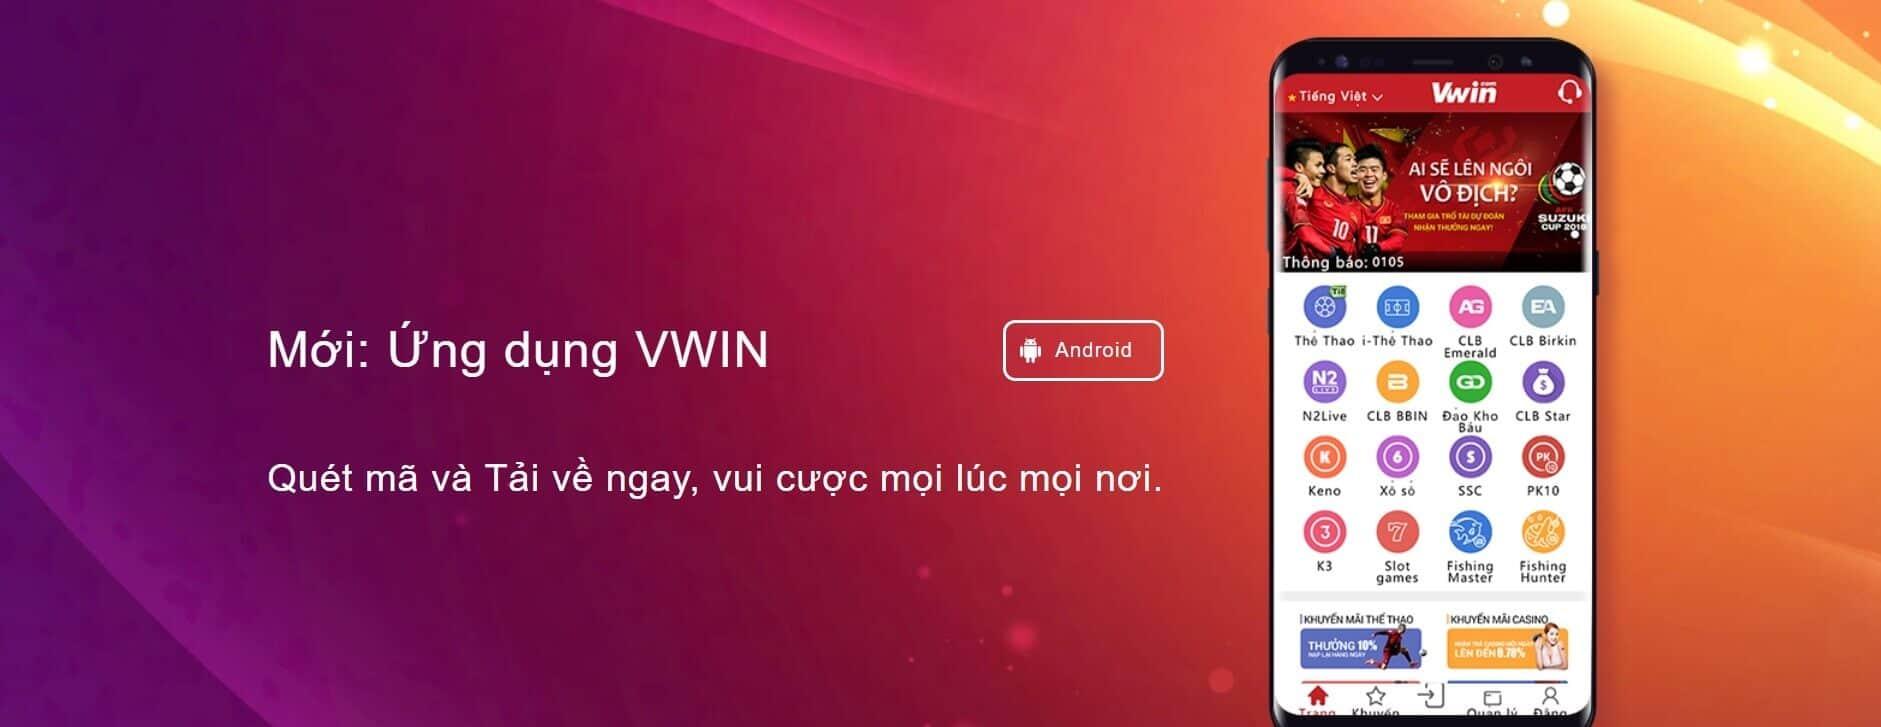 Ứng dụng Vwin trên hệ điều hành Android và iOS